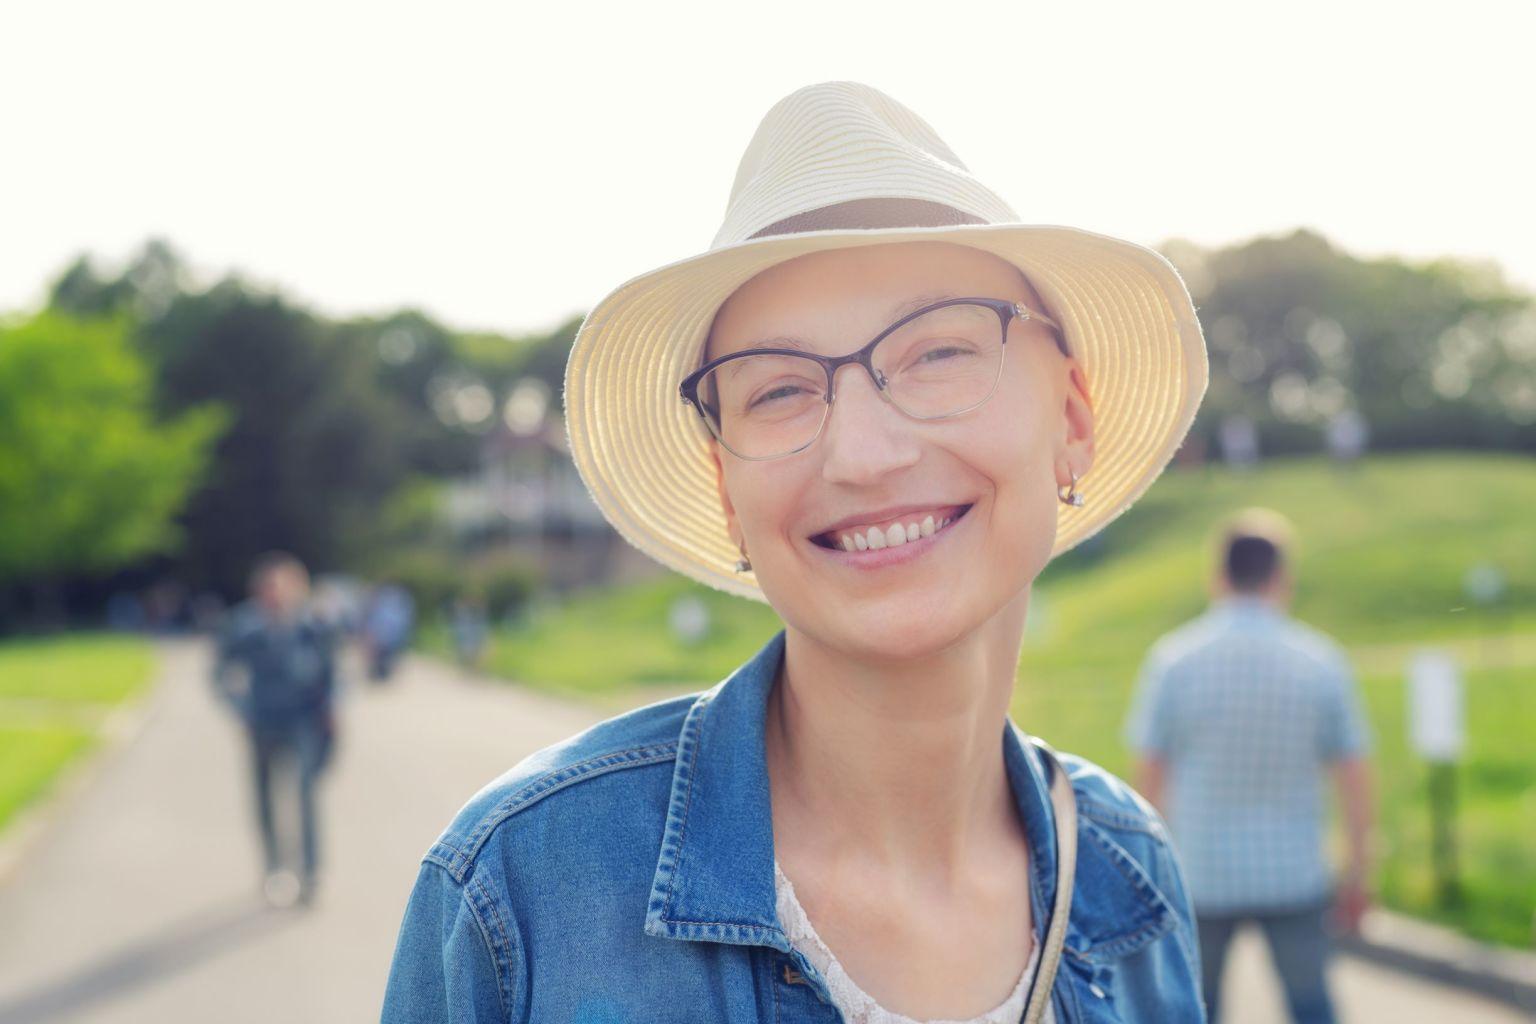 Kvinna med hatt och glasögon.